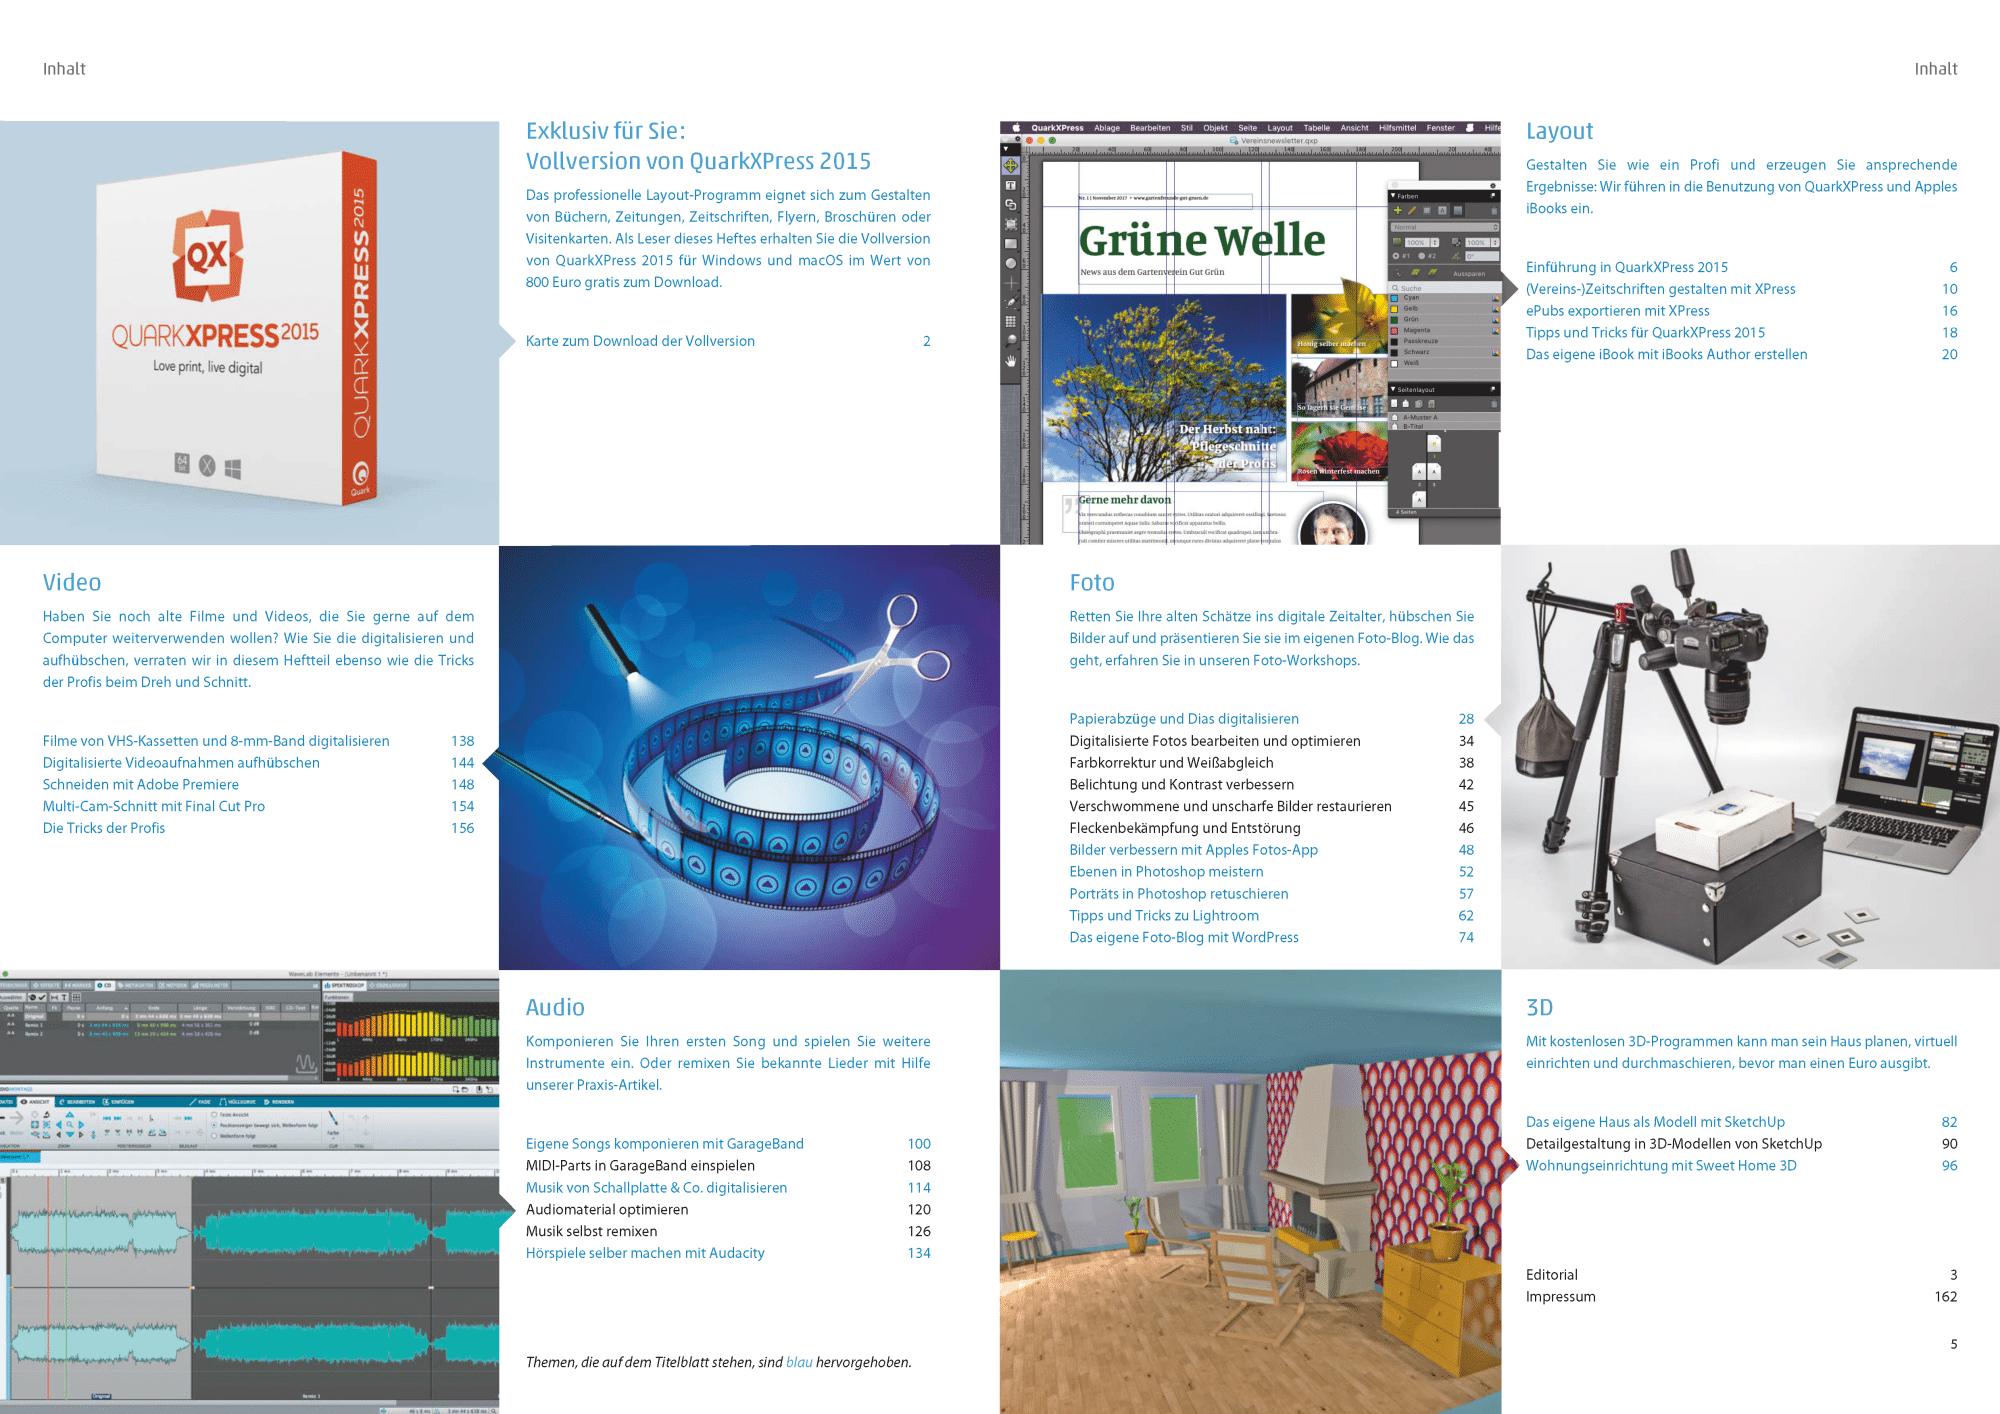 c't Kreativ arbeiten bringt Workshops zu den Themen Video, Foto, Audio, 3D und Layout sowie eine Vollversion von QuarkXPress 2015.